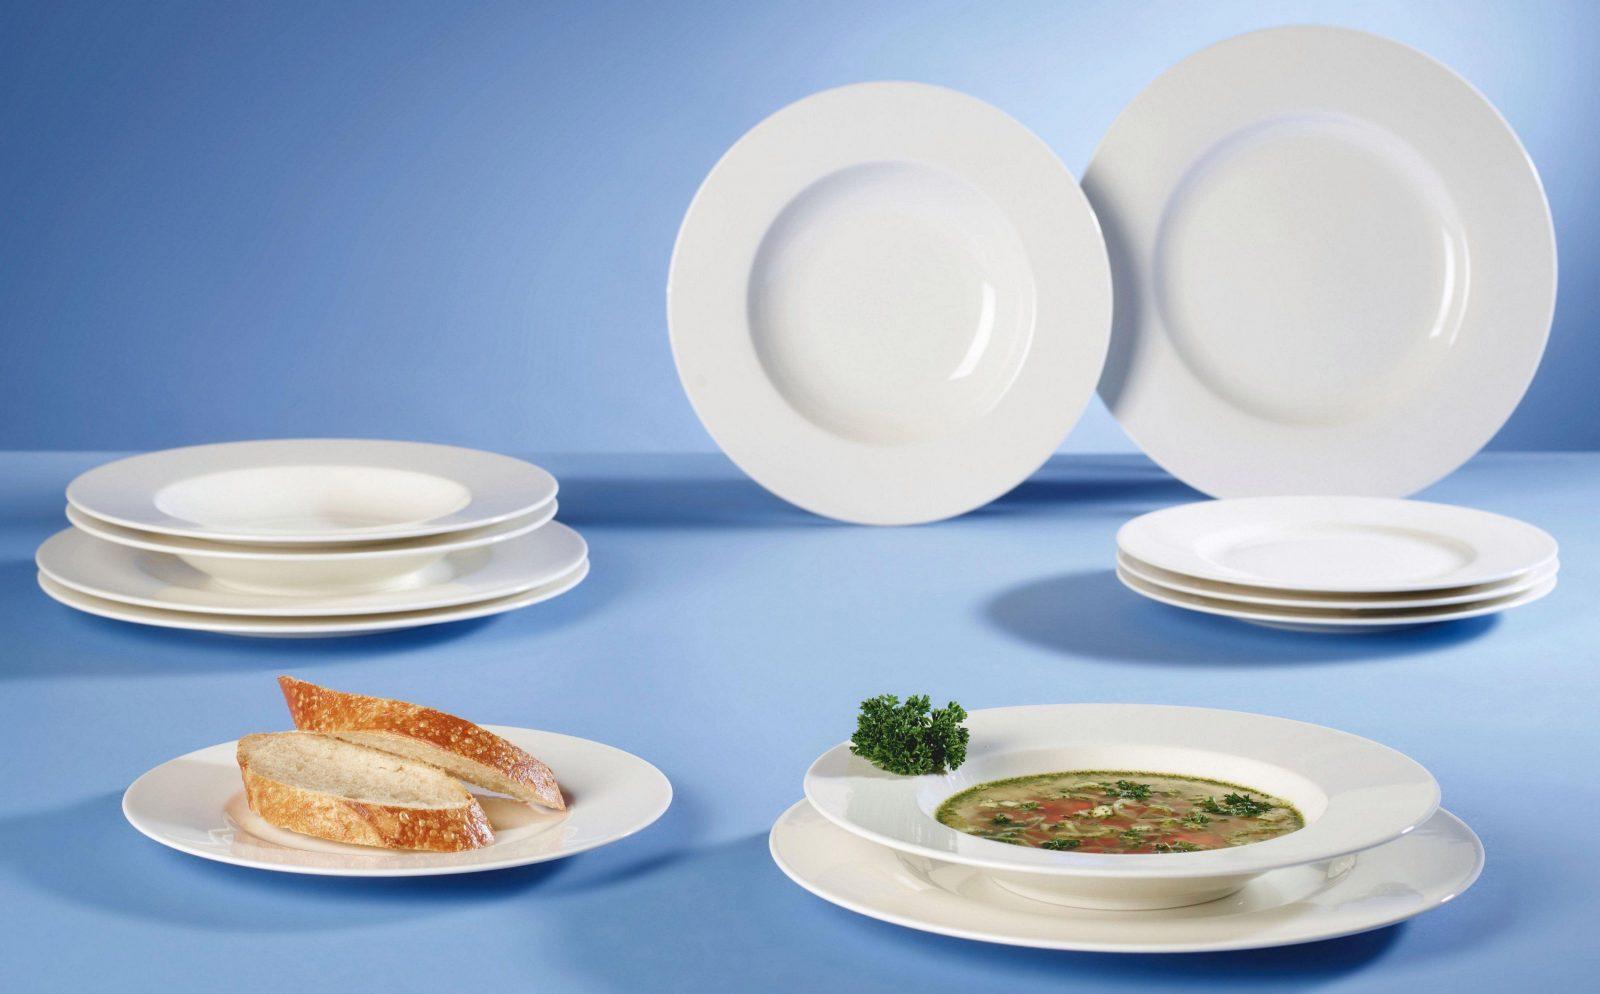 Villeroy Boch Geschirr Set Dinnerware Villeroy And Boch Dinnerware von Bone China Porzellan Villeroy Boch Bild